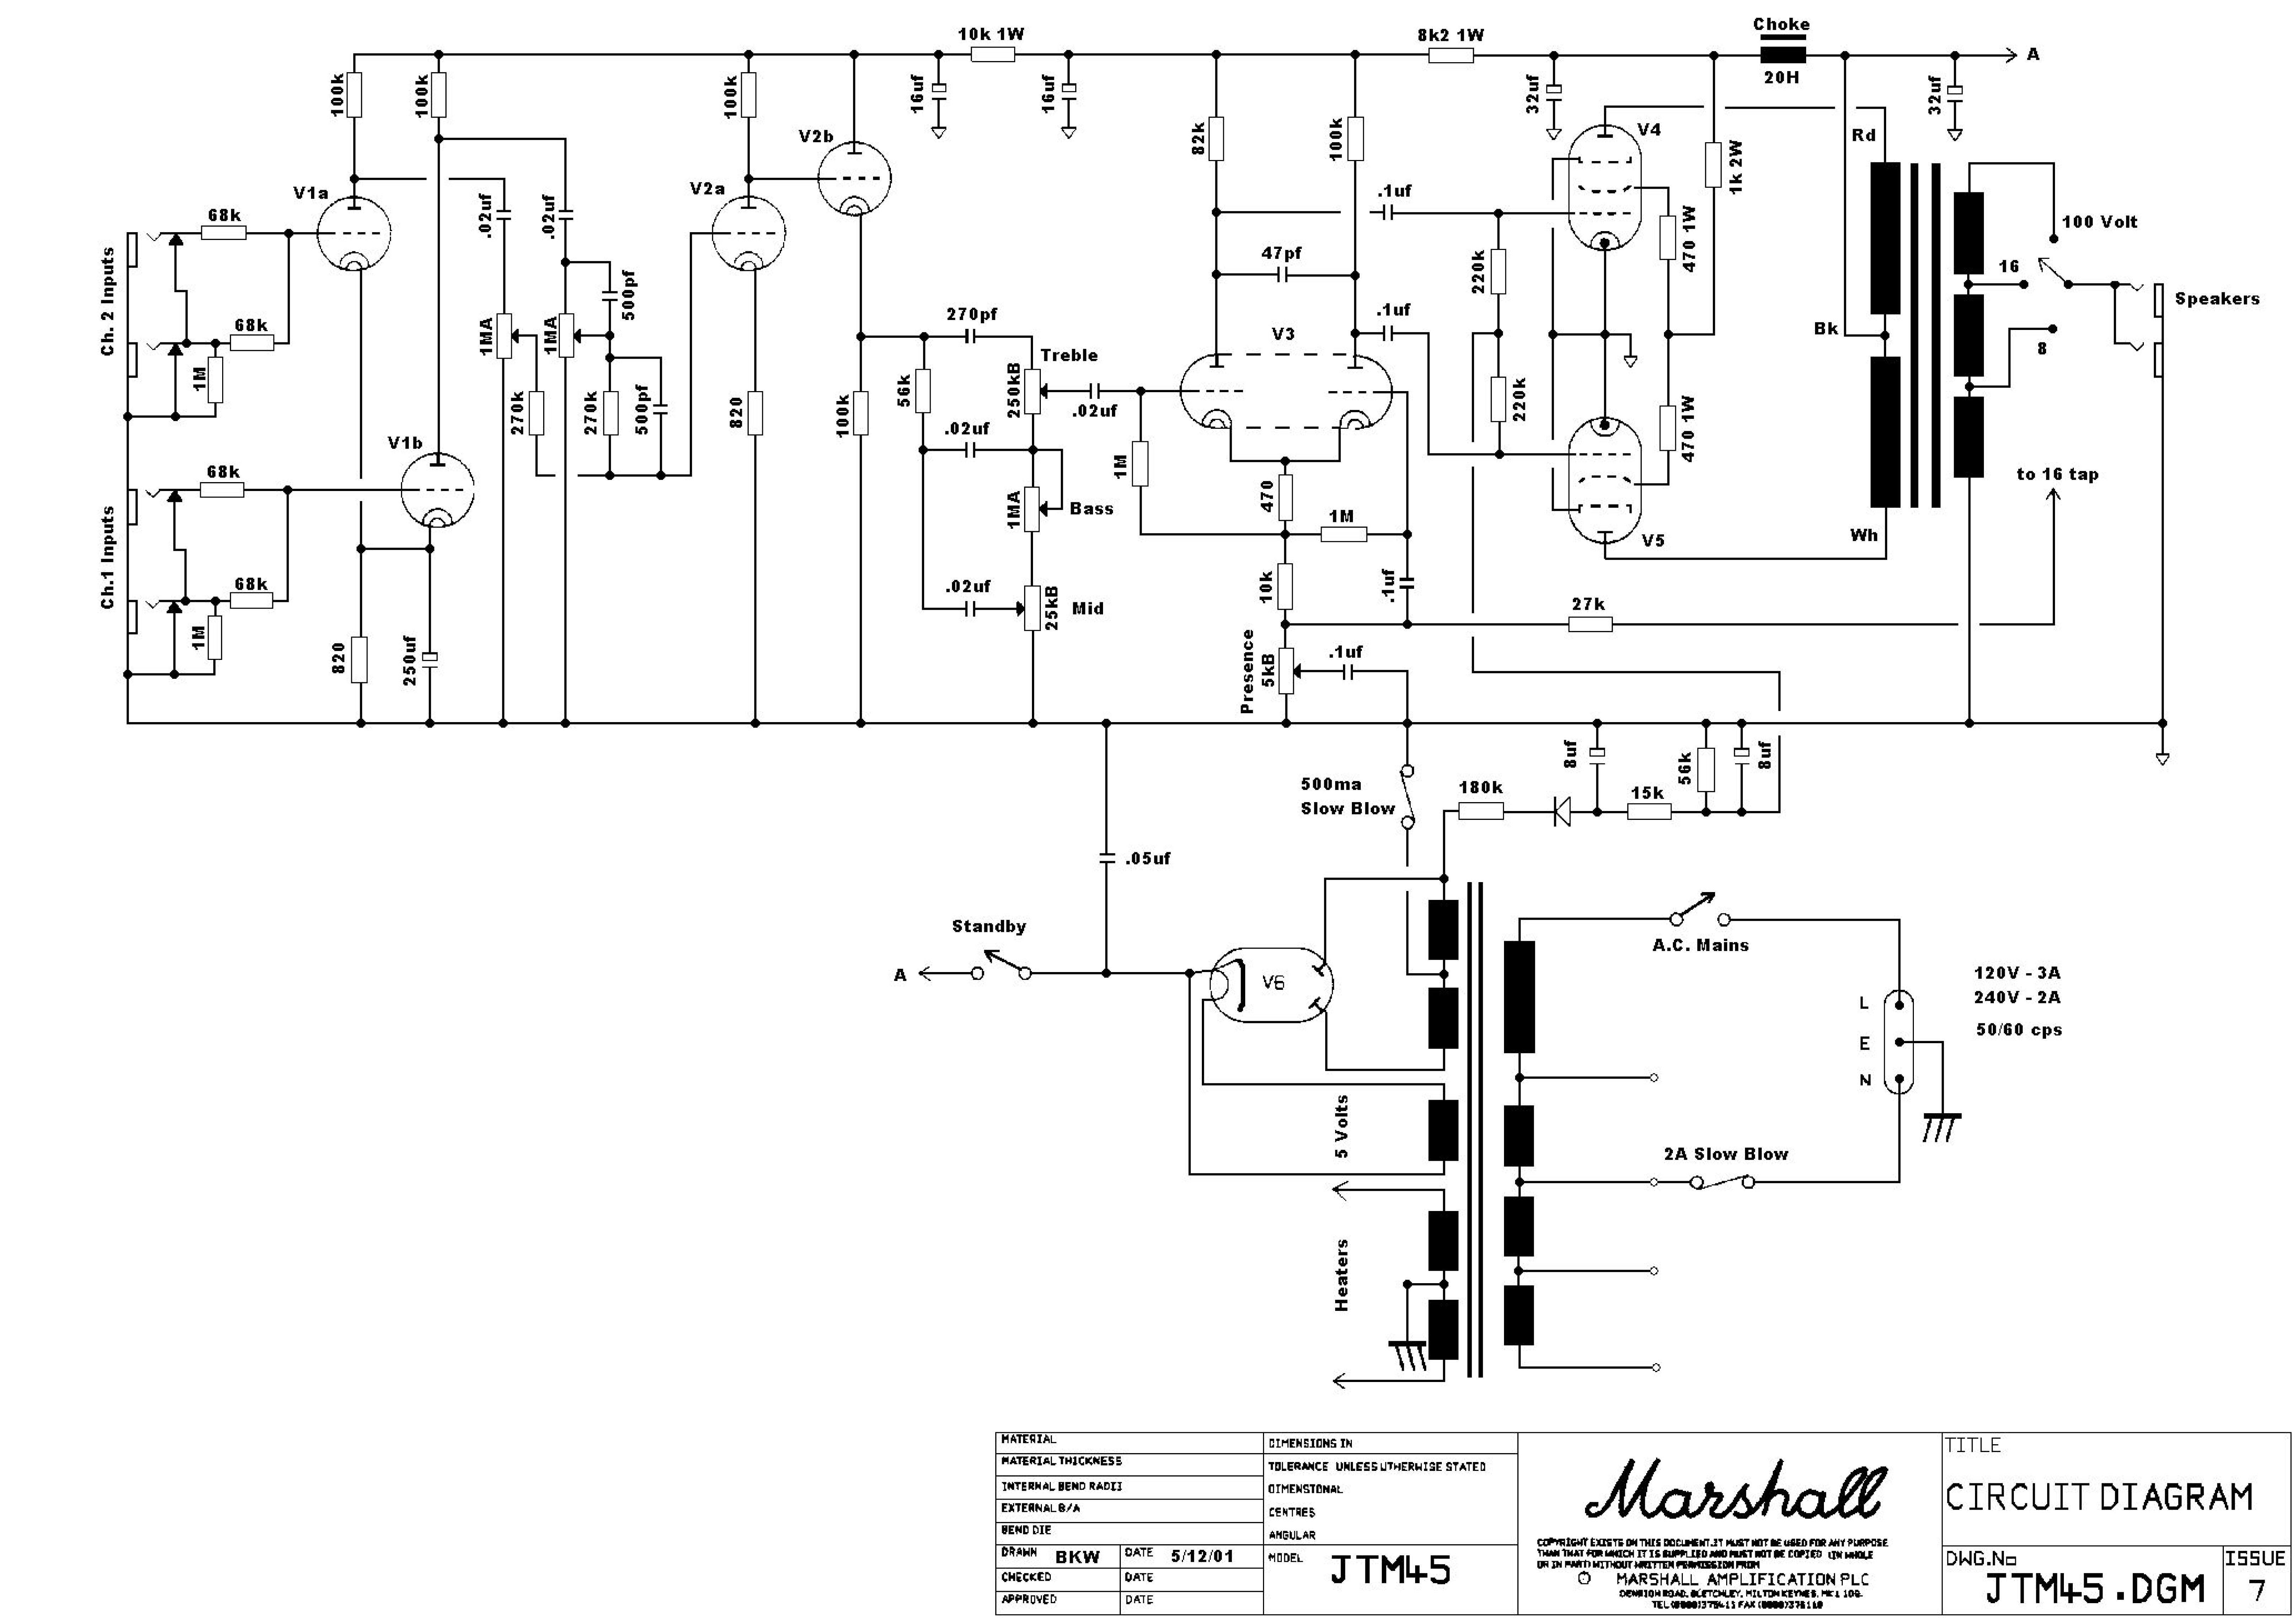 Découpage d'un schéma schéma d'ampli pour pédale JFET